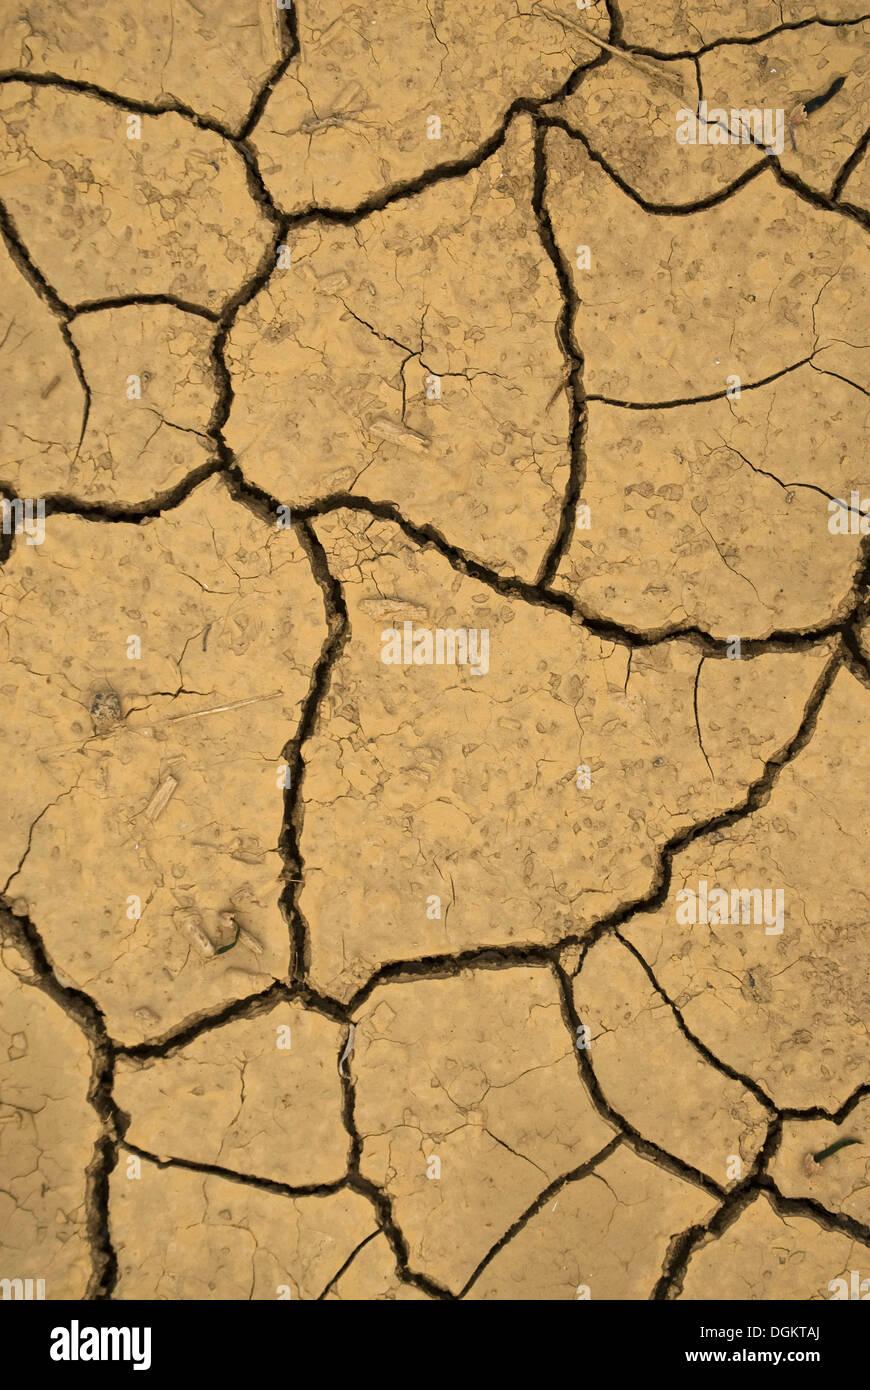 La boue sèche, craquelée, image symbolique pour le changement climatique, Linz am Rhein, Neuwied, Rhénanie-Palatinat Photo Stock